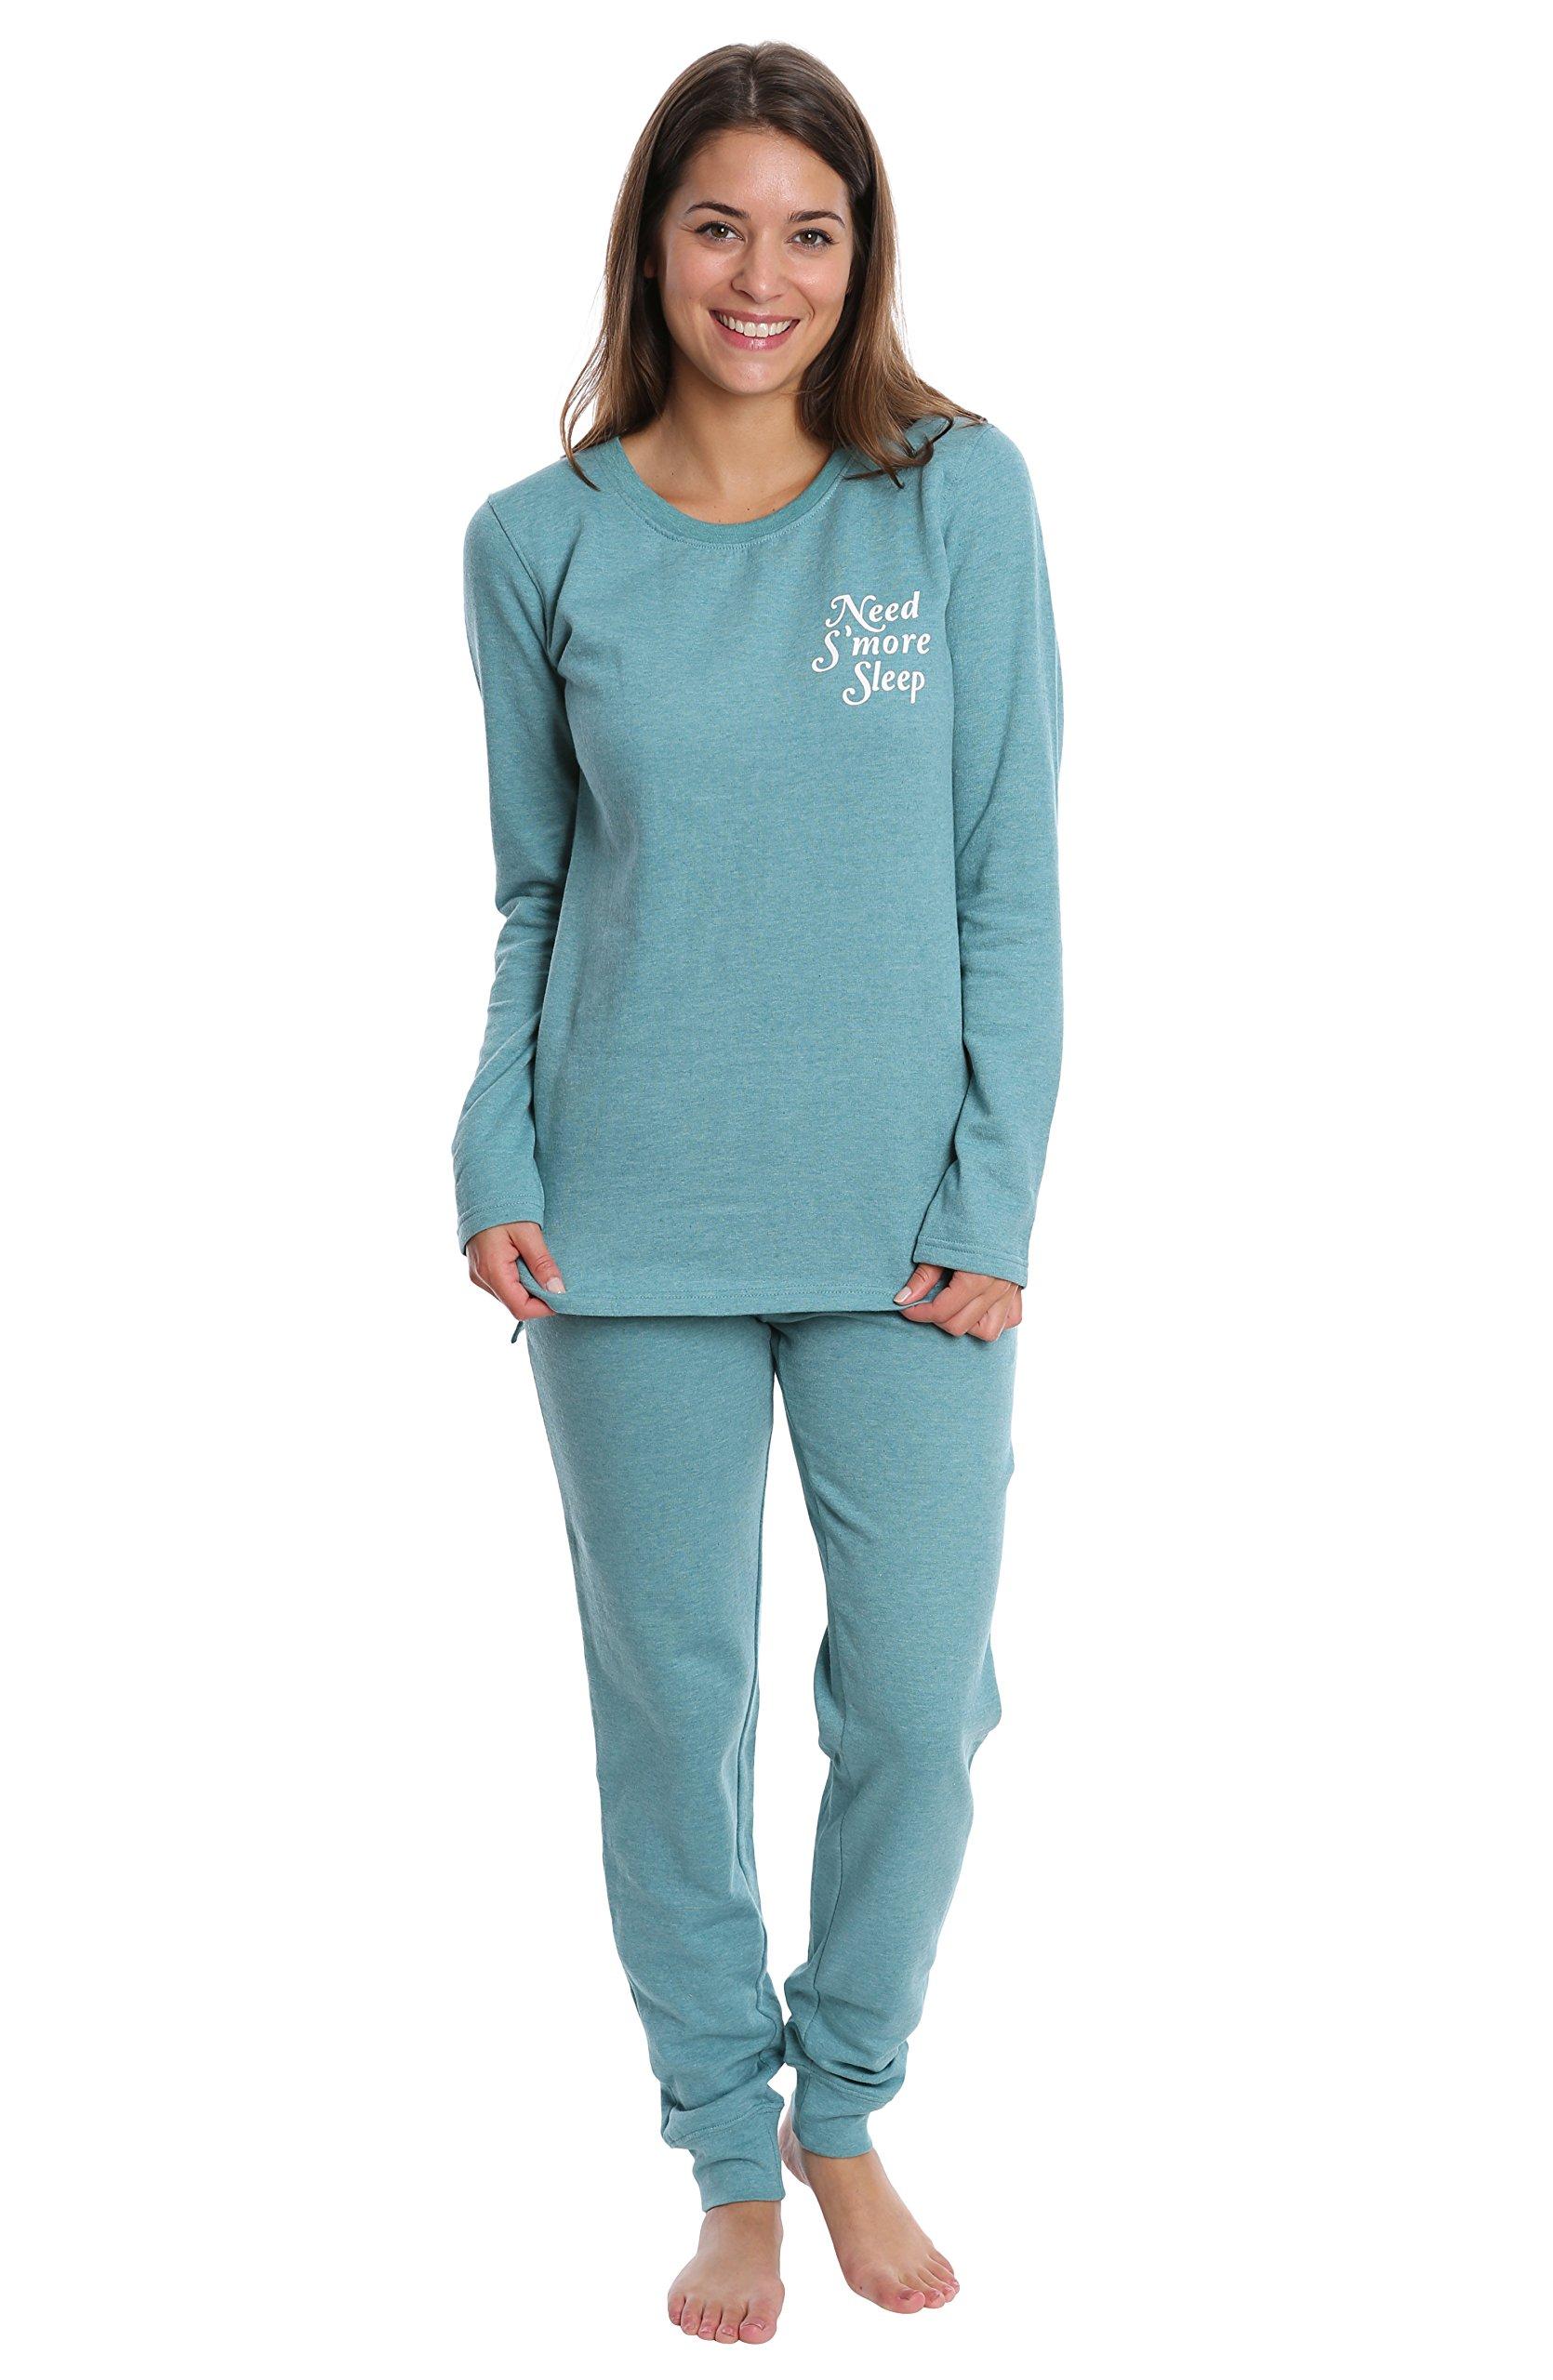 WallFlower Women's Sleepwear Set - Banded Jogger & Lounge Top - Aqua Frost, X-Large